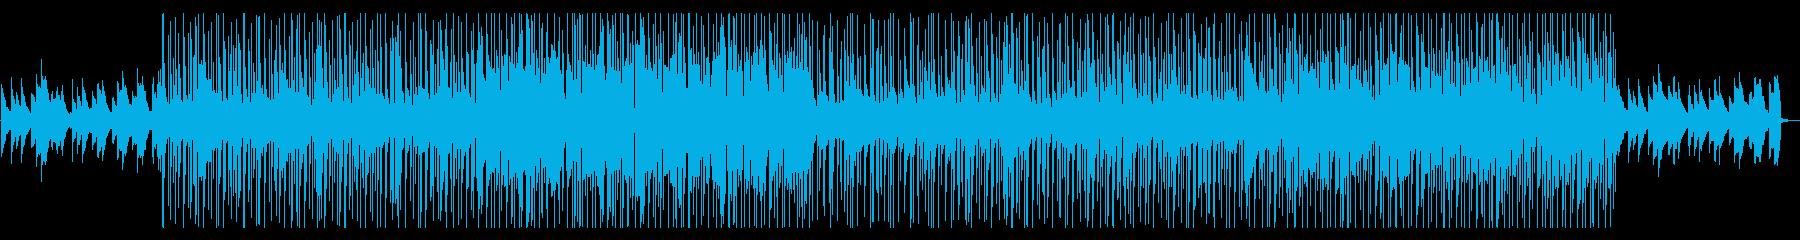 落ち着き・爽やか・優しい・HIPHOPの再生済みの波形